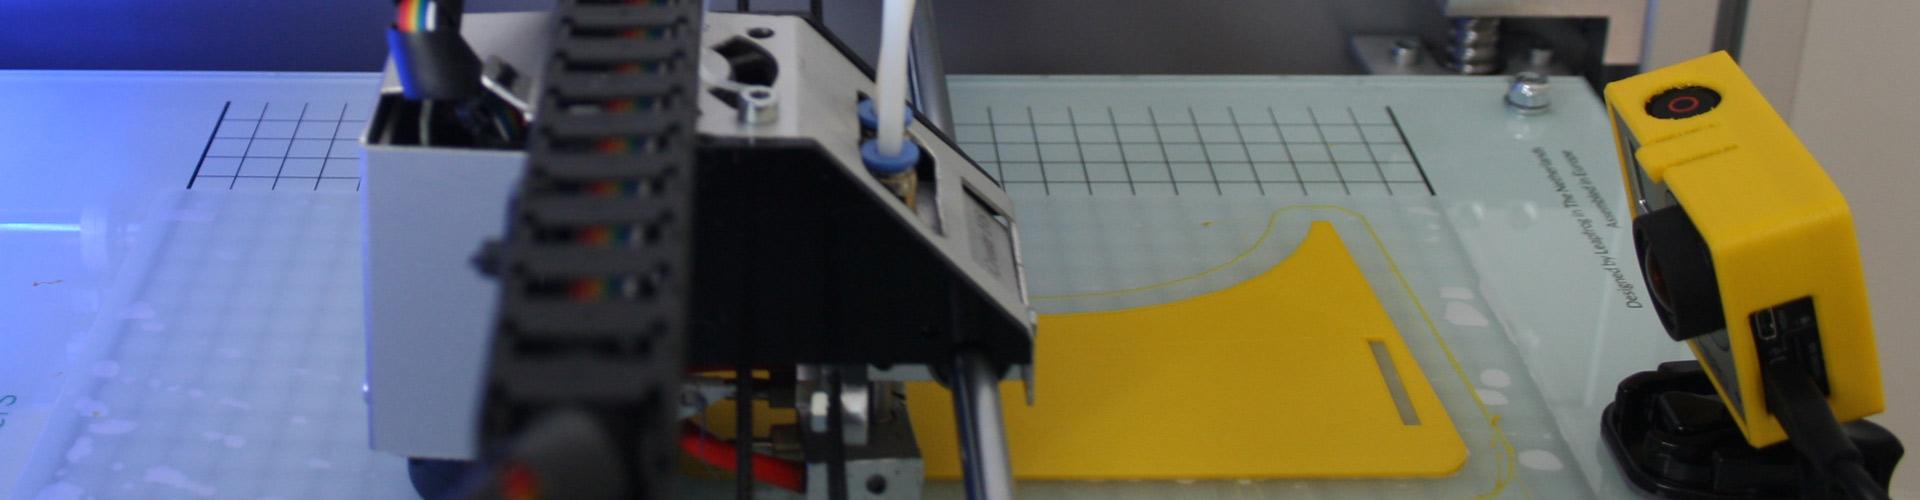 3D-DRUCK IST EINE DISRUPTIVE TECHNOLOGIE